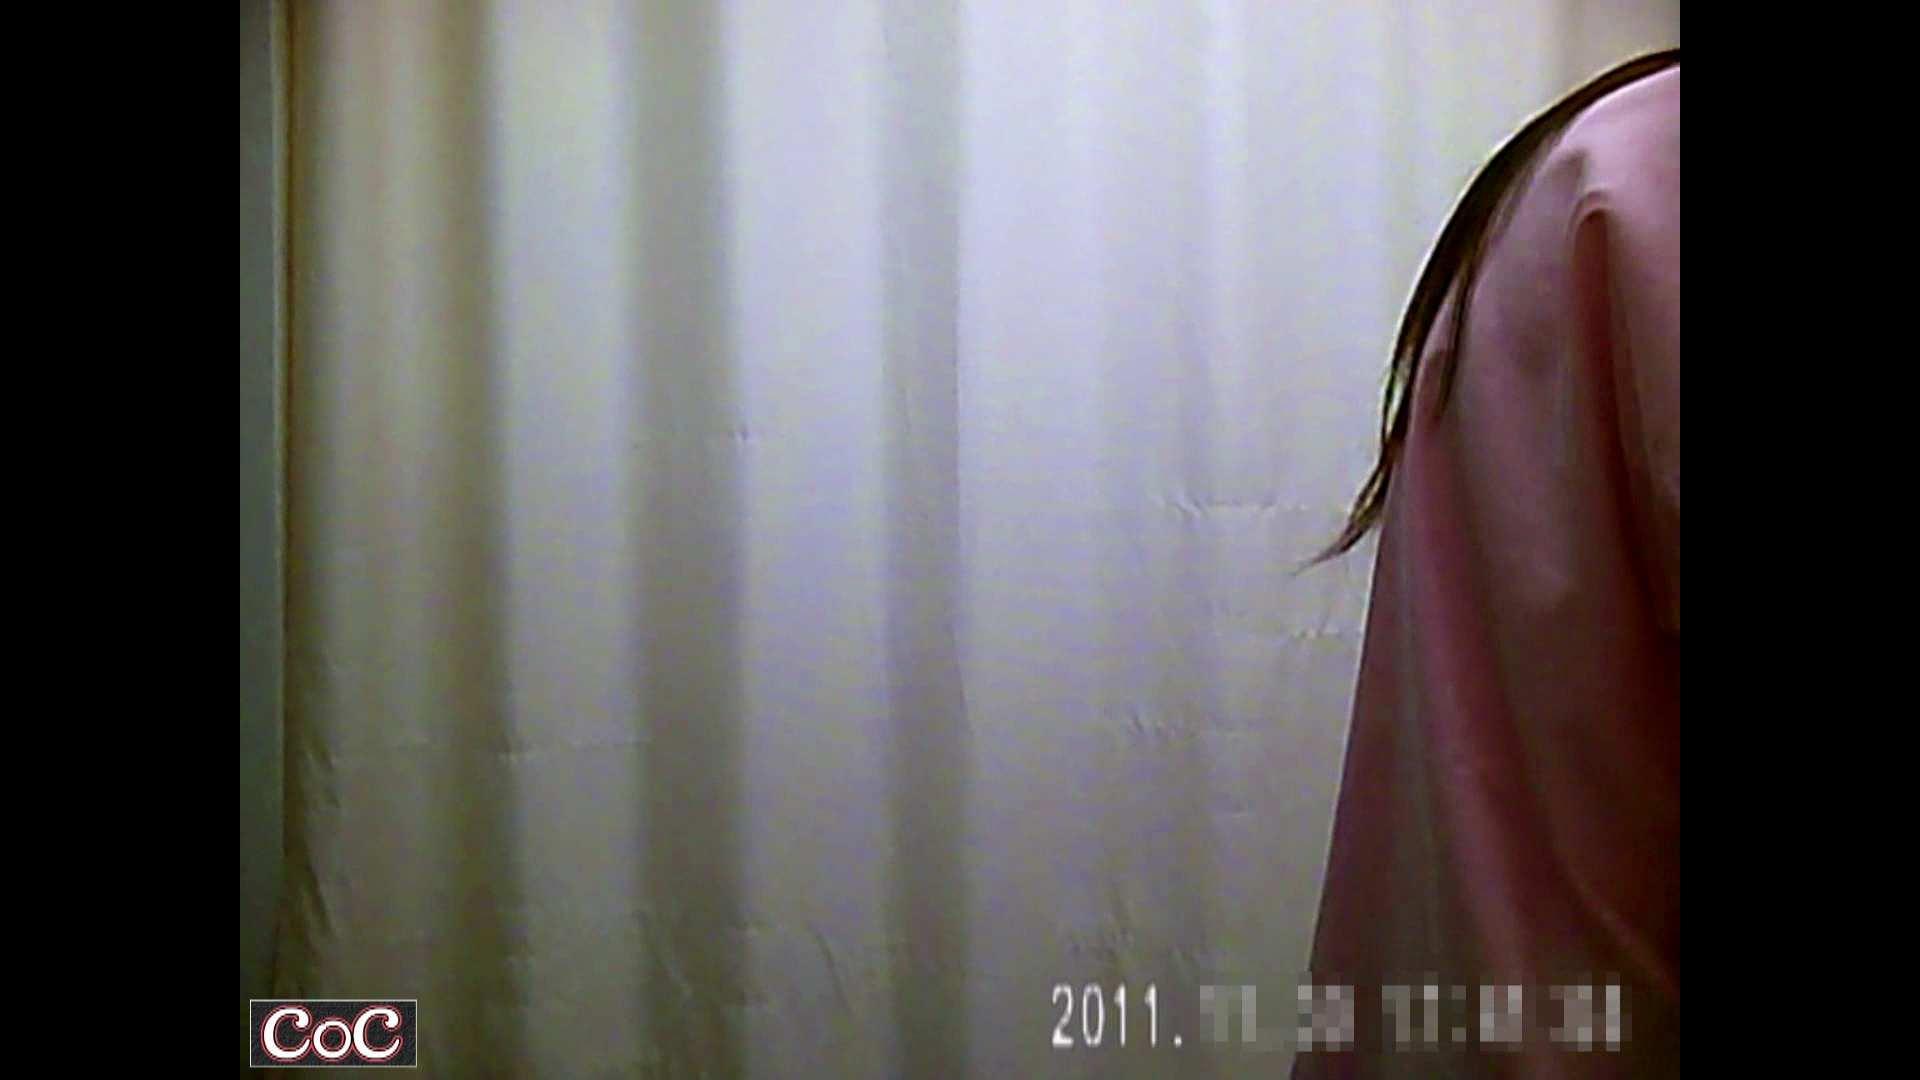 無修正ヌード|元医者による反抗 更衣室地獄絵巻 vol.190|怪盗ジョーカー